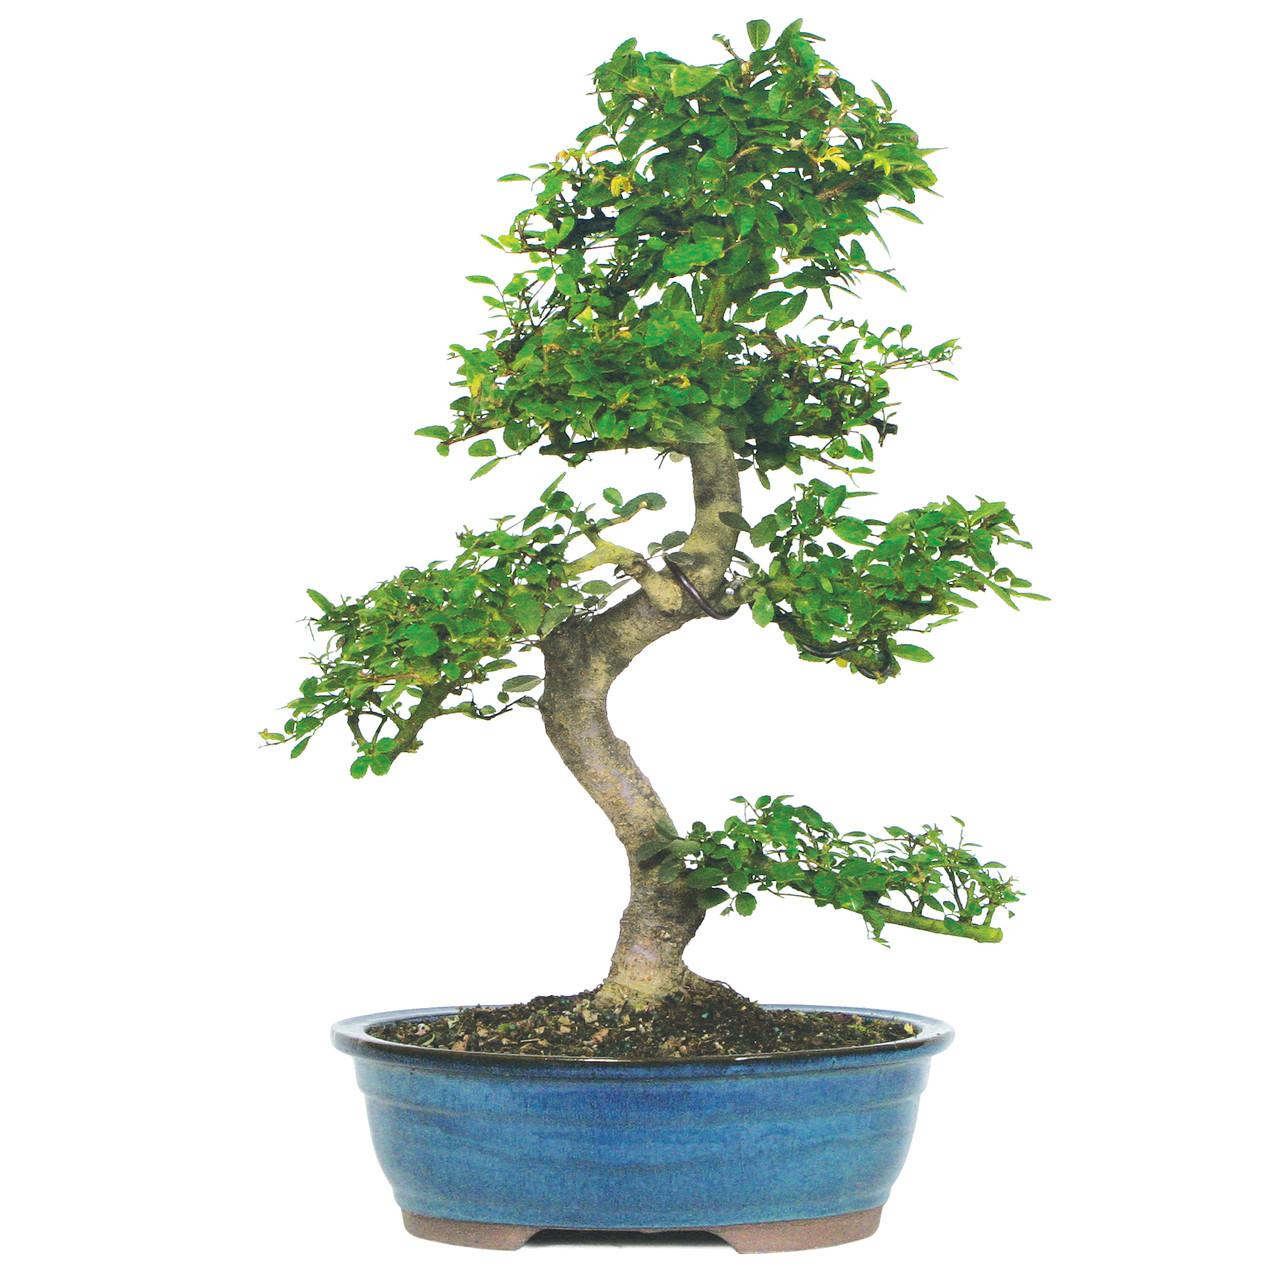 Chinese Elm Bonsai Great For Beginners Bonsaioutlet Com